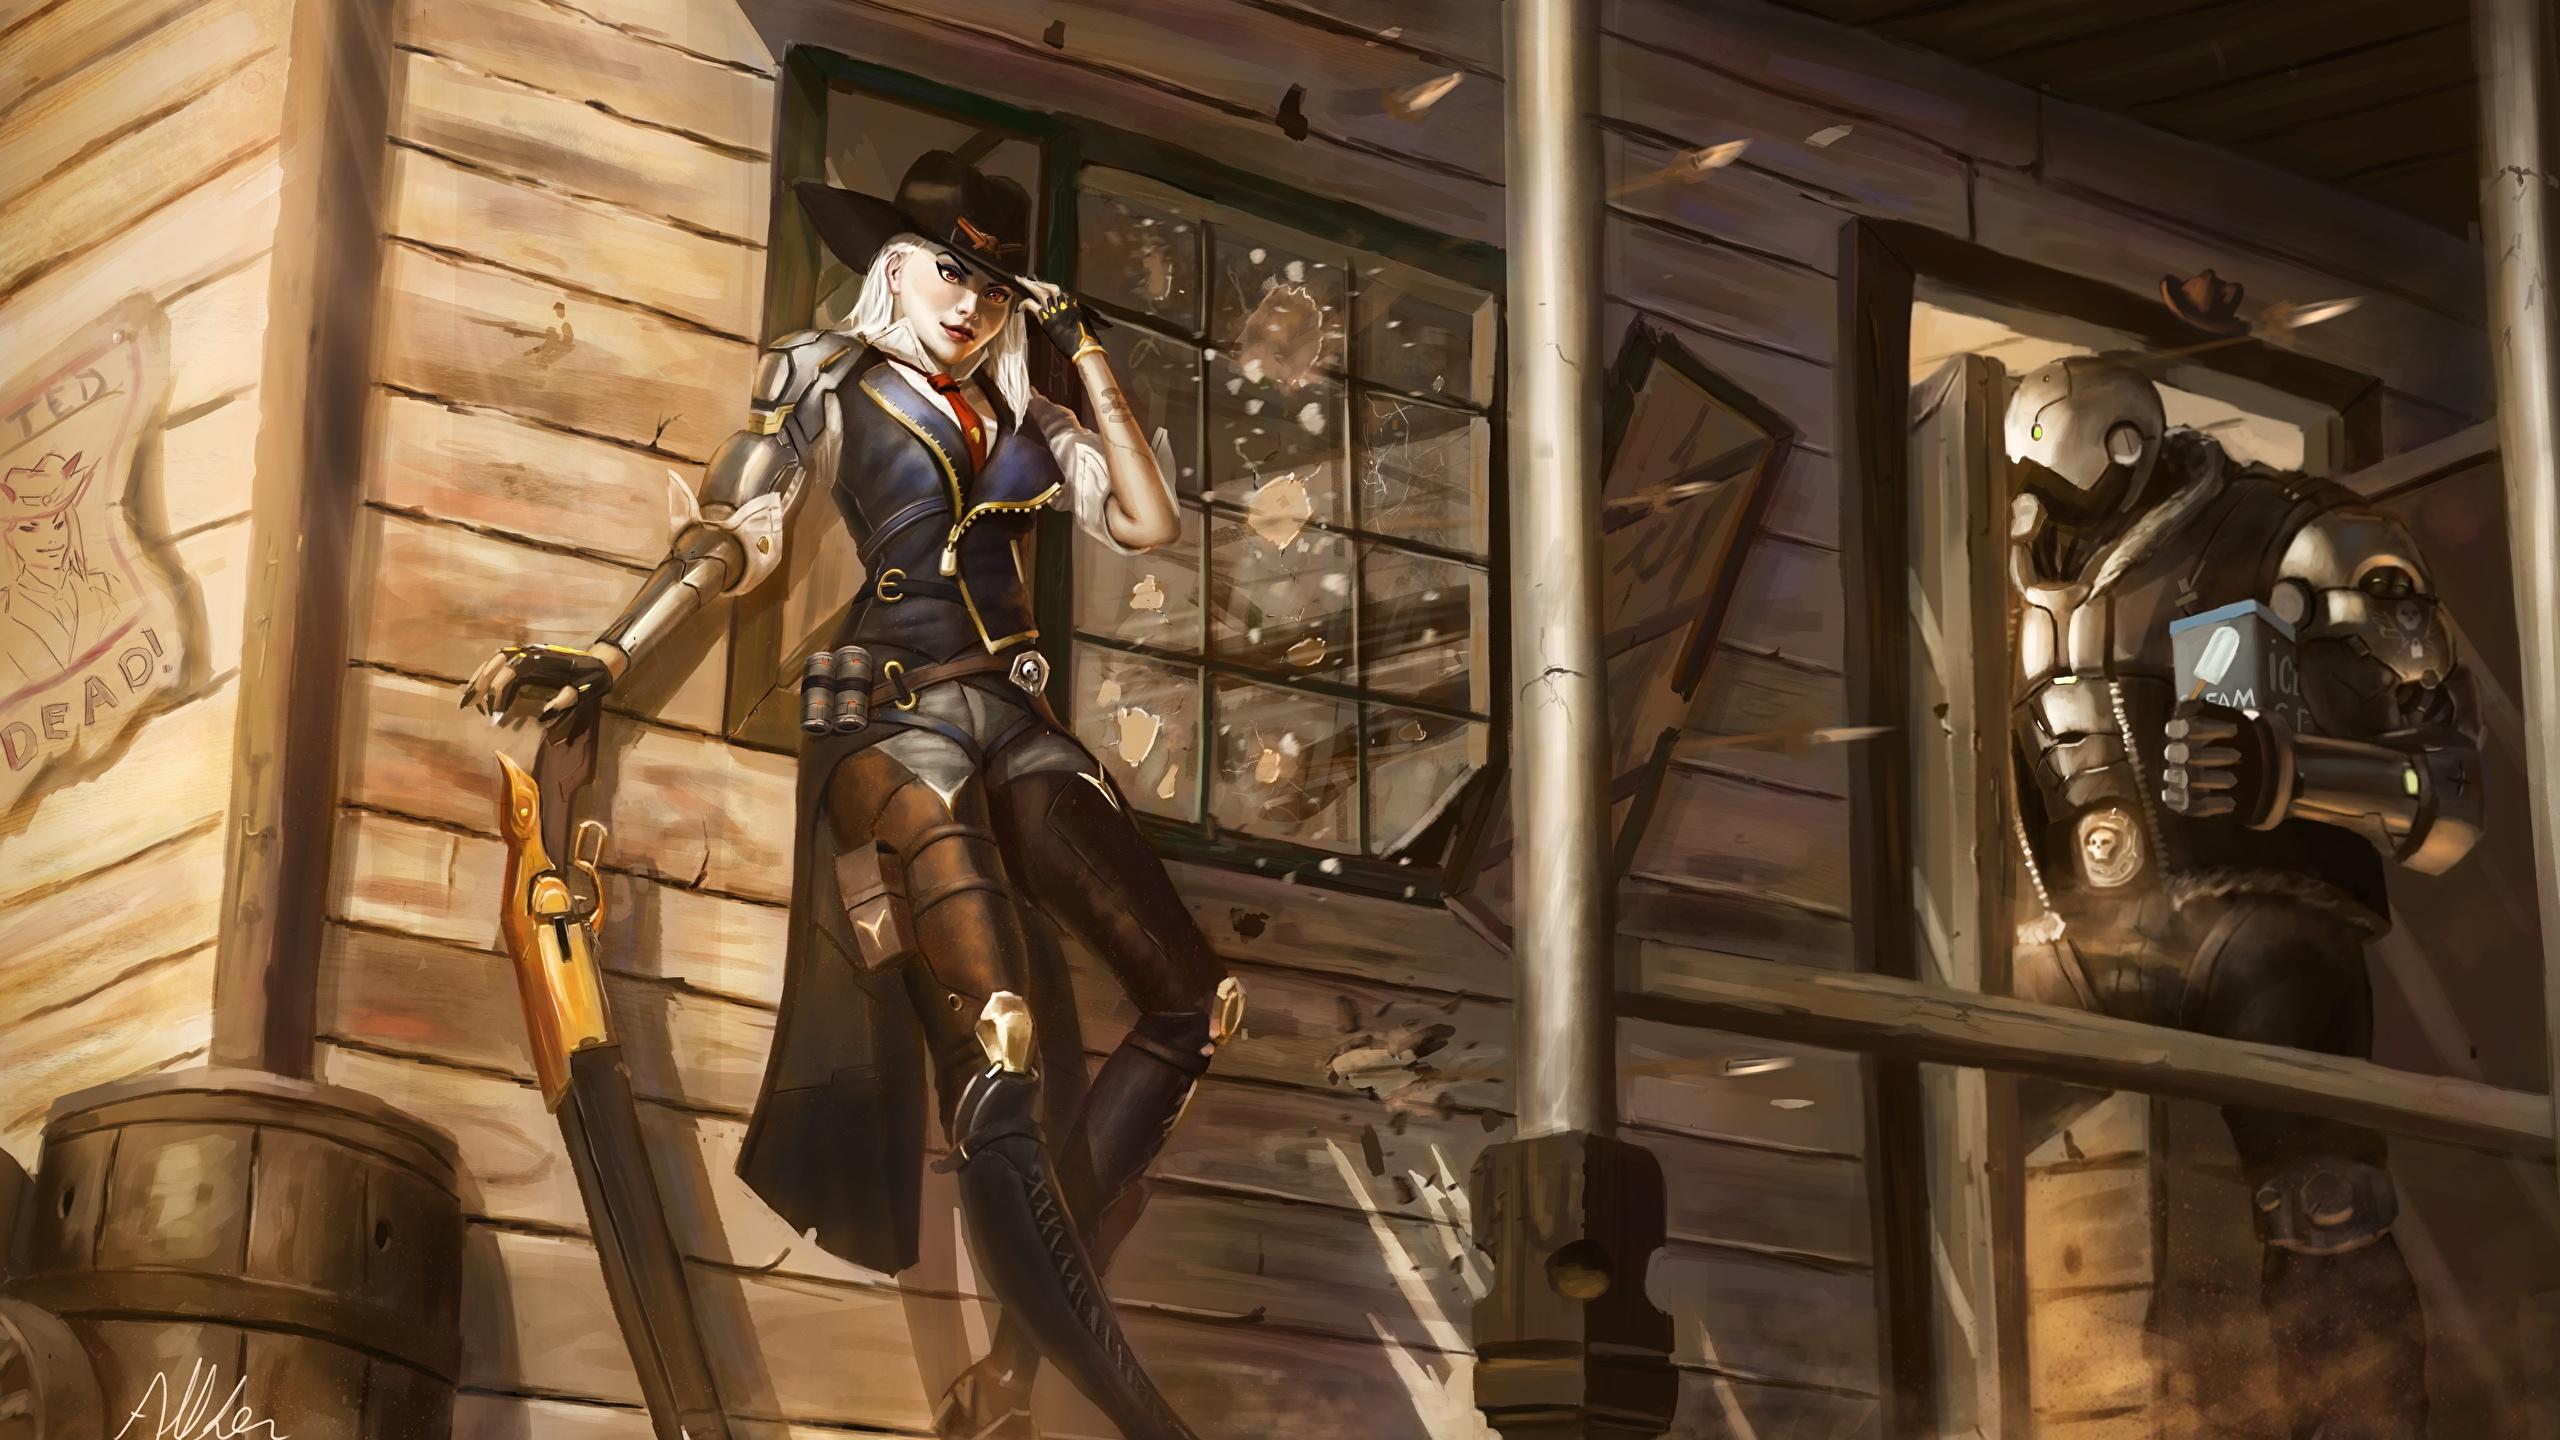 Desktop Wallpapers Overwatch Warriors Ashe Bob Elizabeth 2560x1440